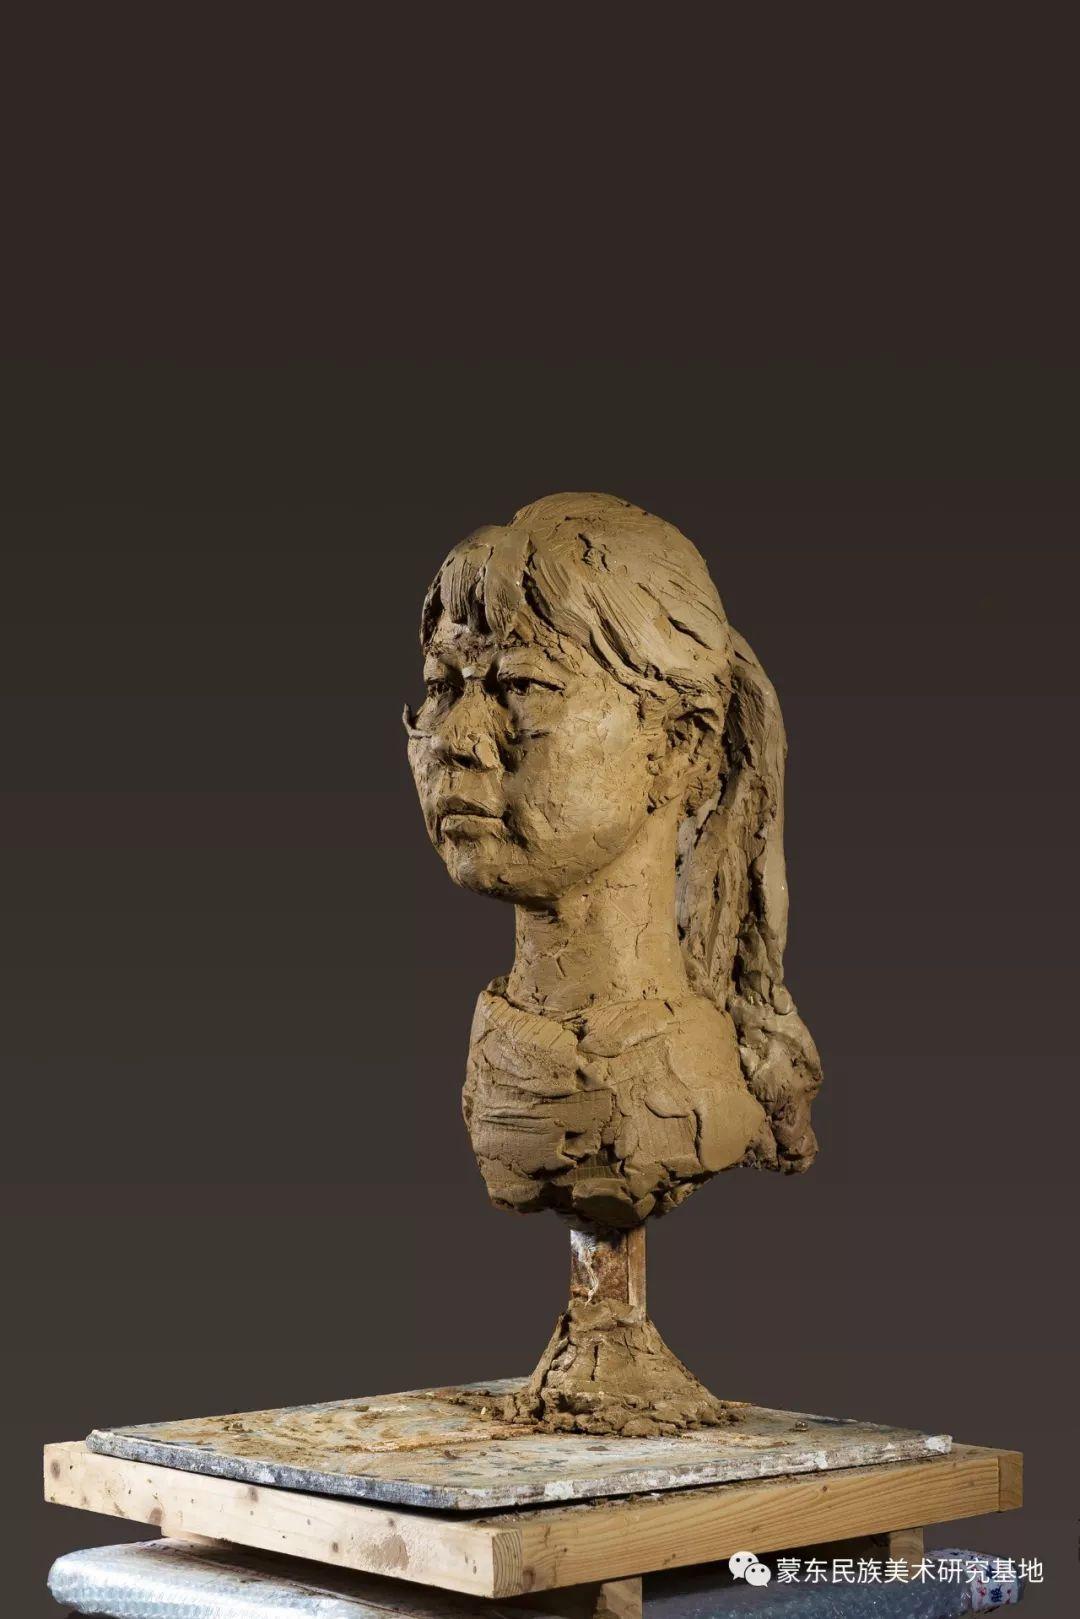 包格日乐吐作品——头像雕塑系列(一) 第9张 包格日乐吐作品——头像雕塑系列(一) 蒙古画廊